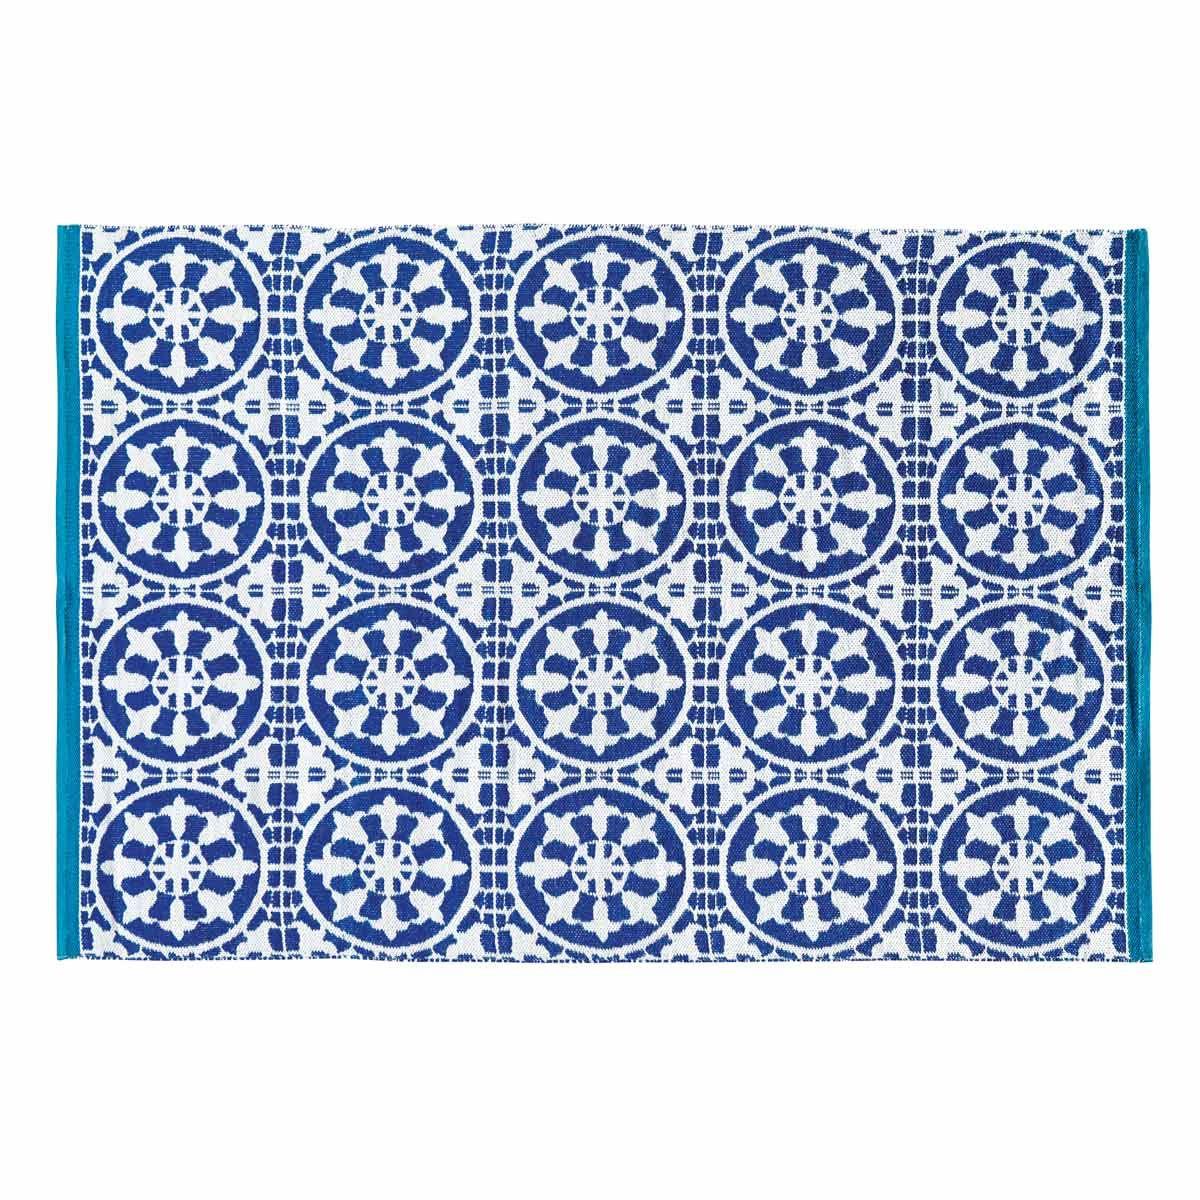 Outdoor-Teppich blau und weiß 140 x 200 cm | Outdoor teppich ...